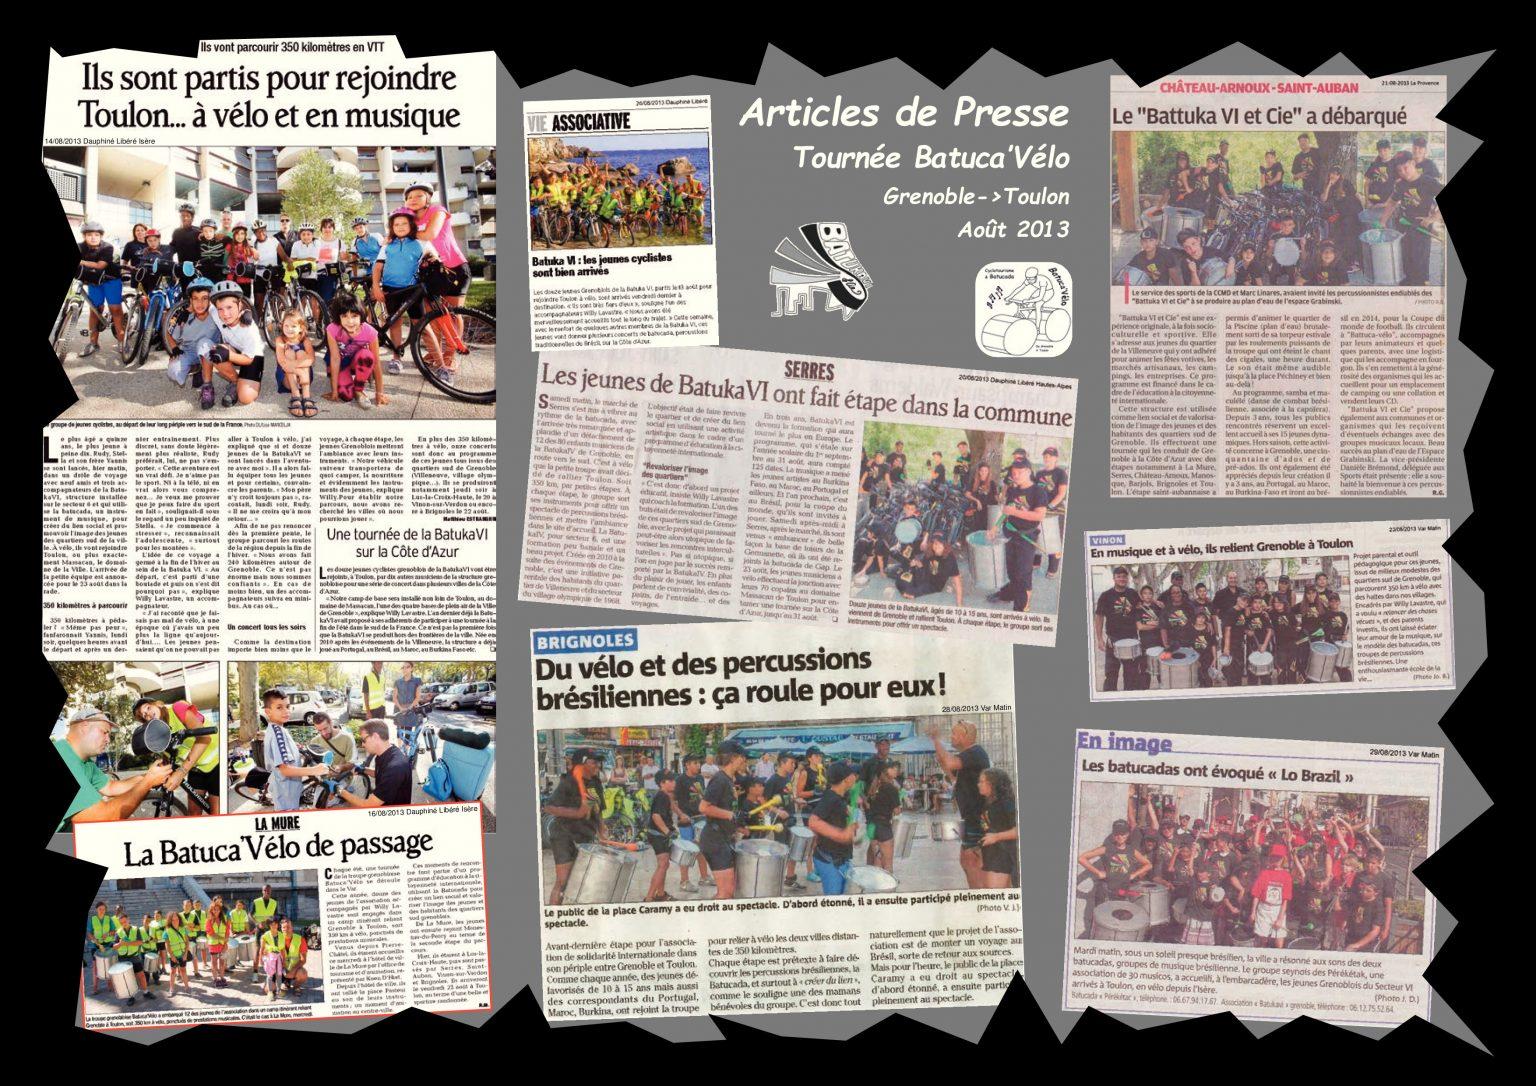 BatukaVI - Panneau Articles 2013-09 Tournée-Mer Batuca'Vélo I (Réduit)